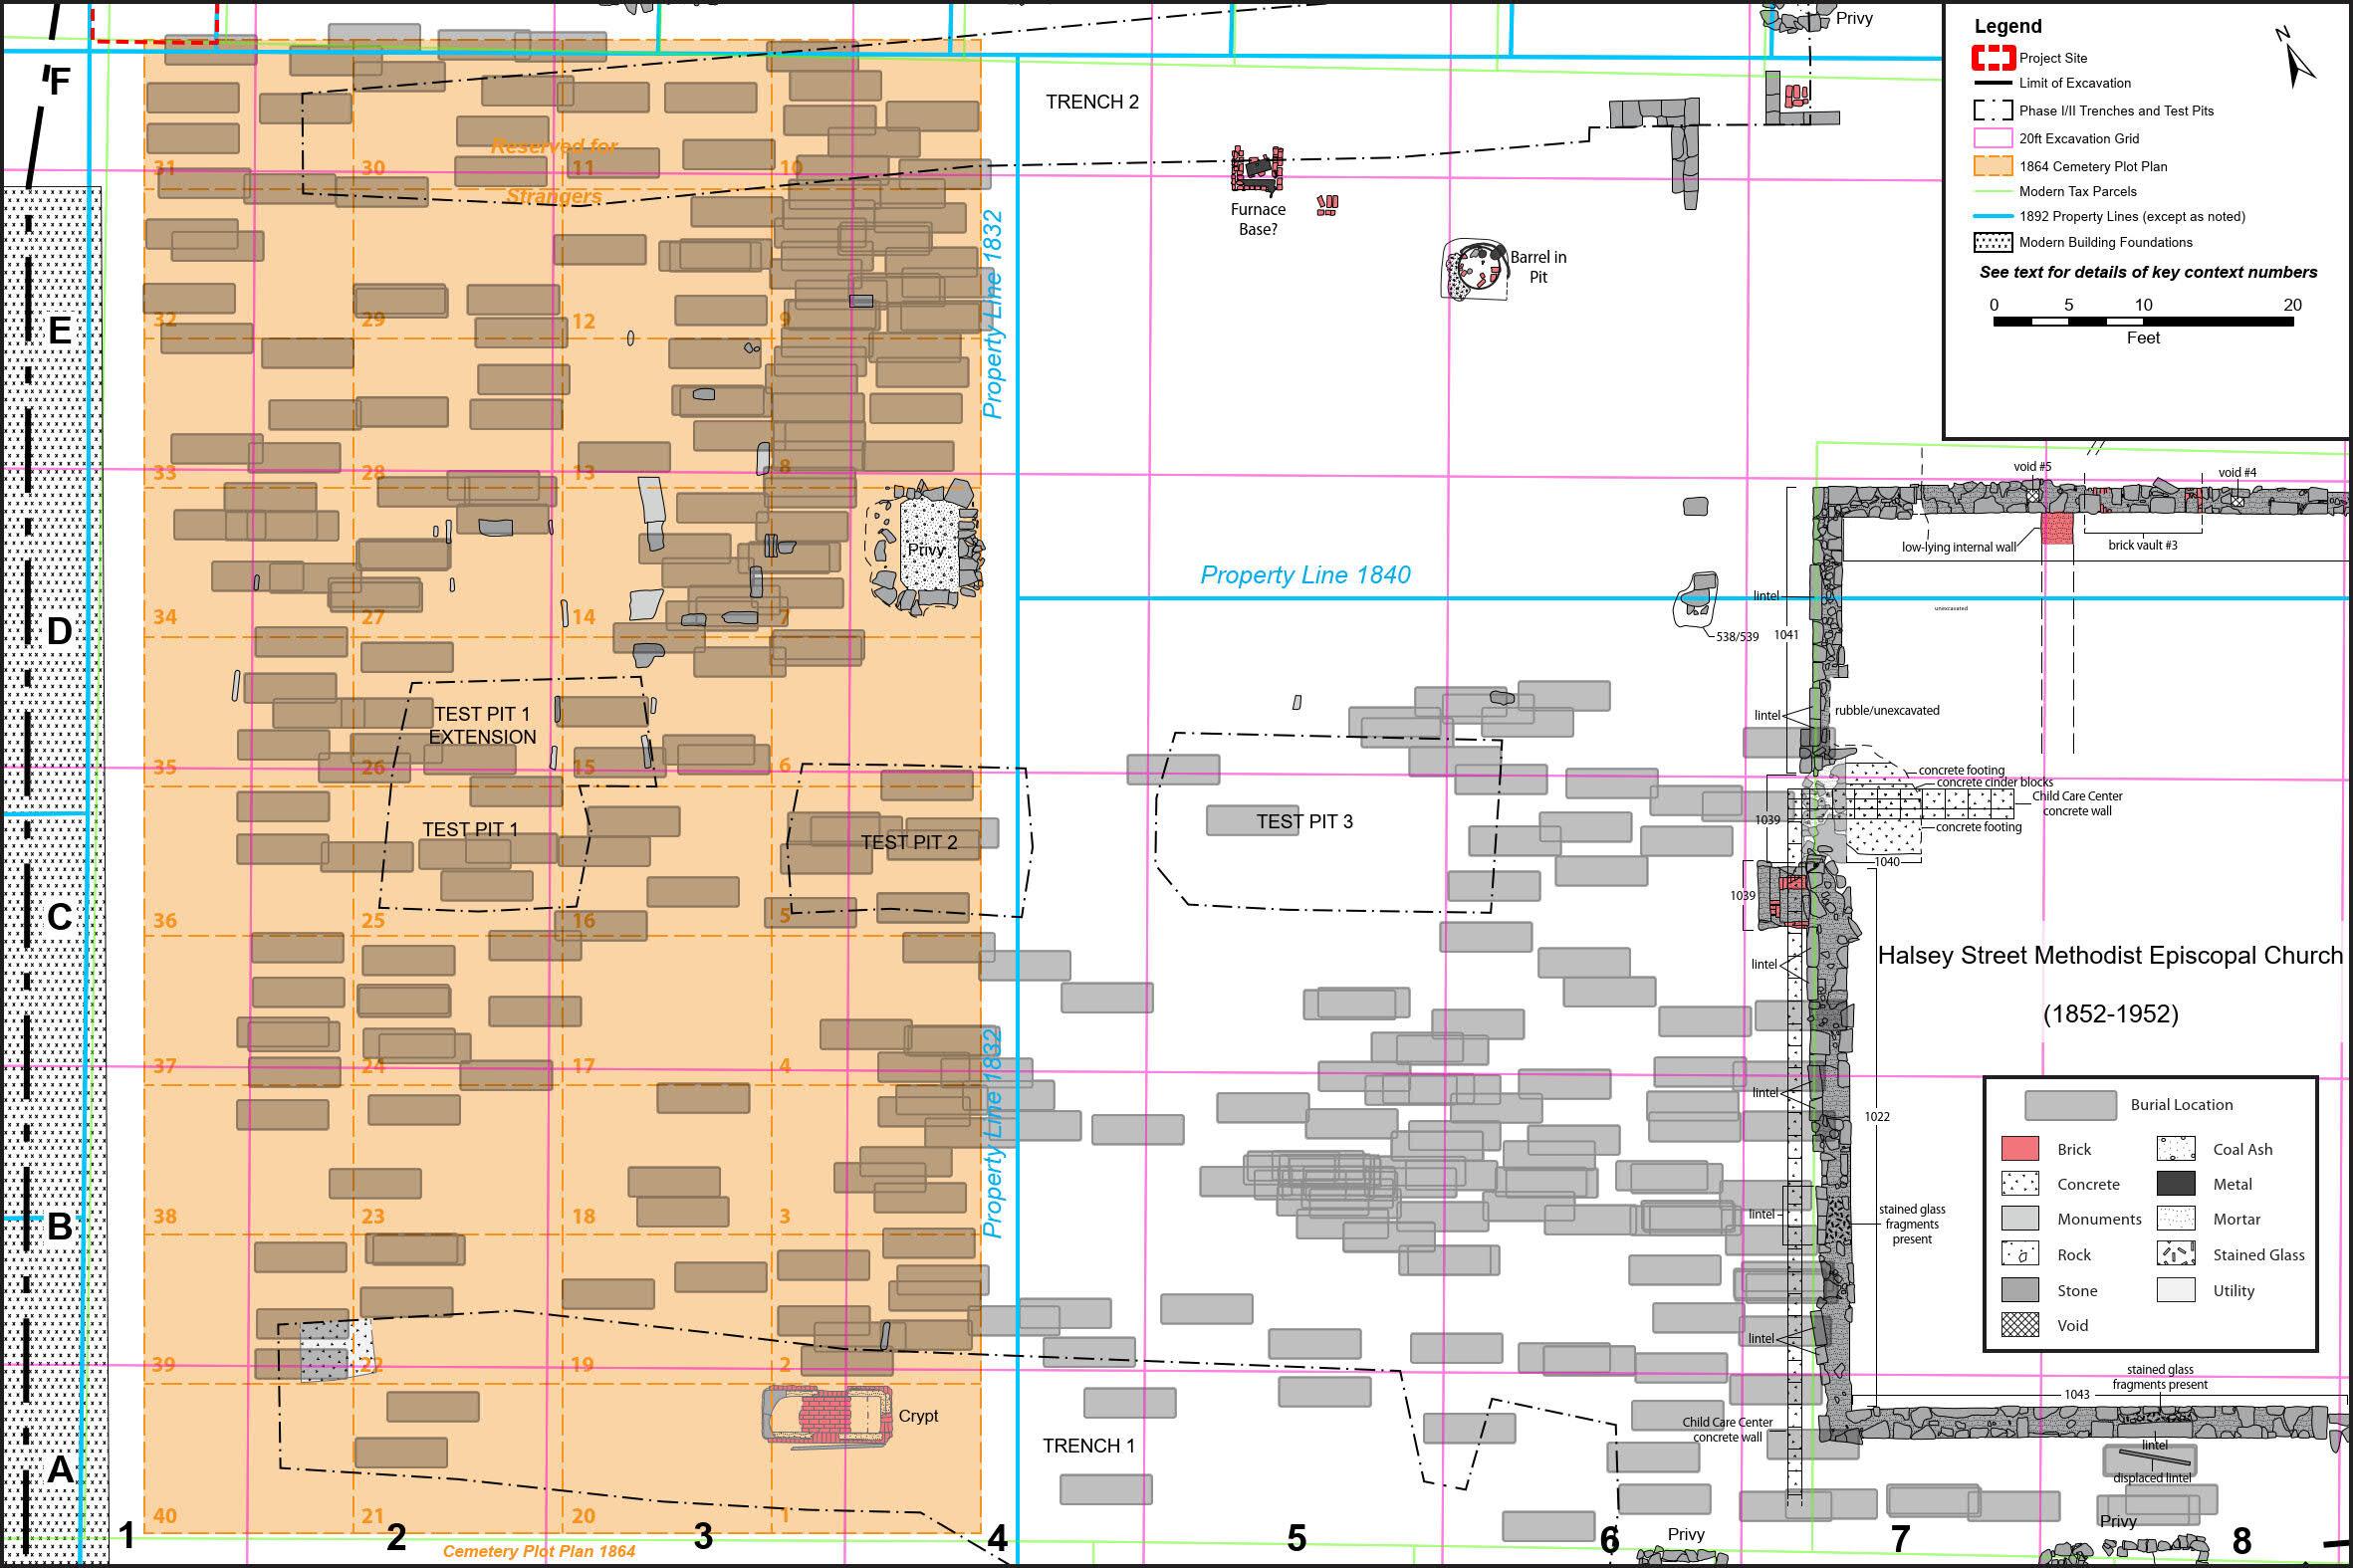 Cemetery excavation plan